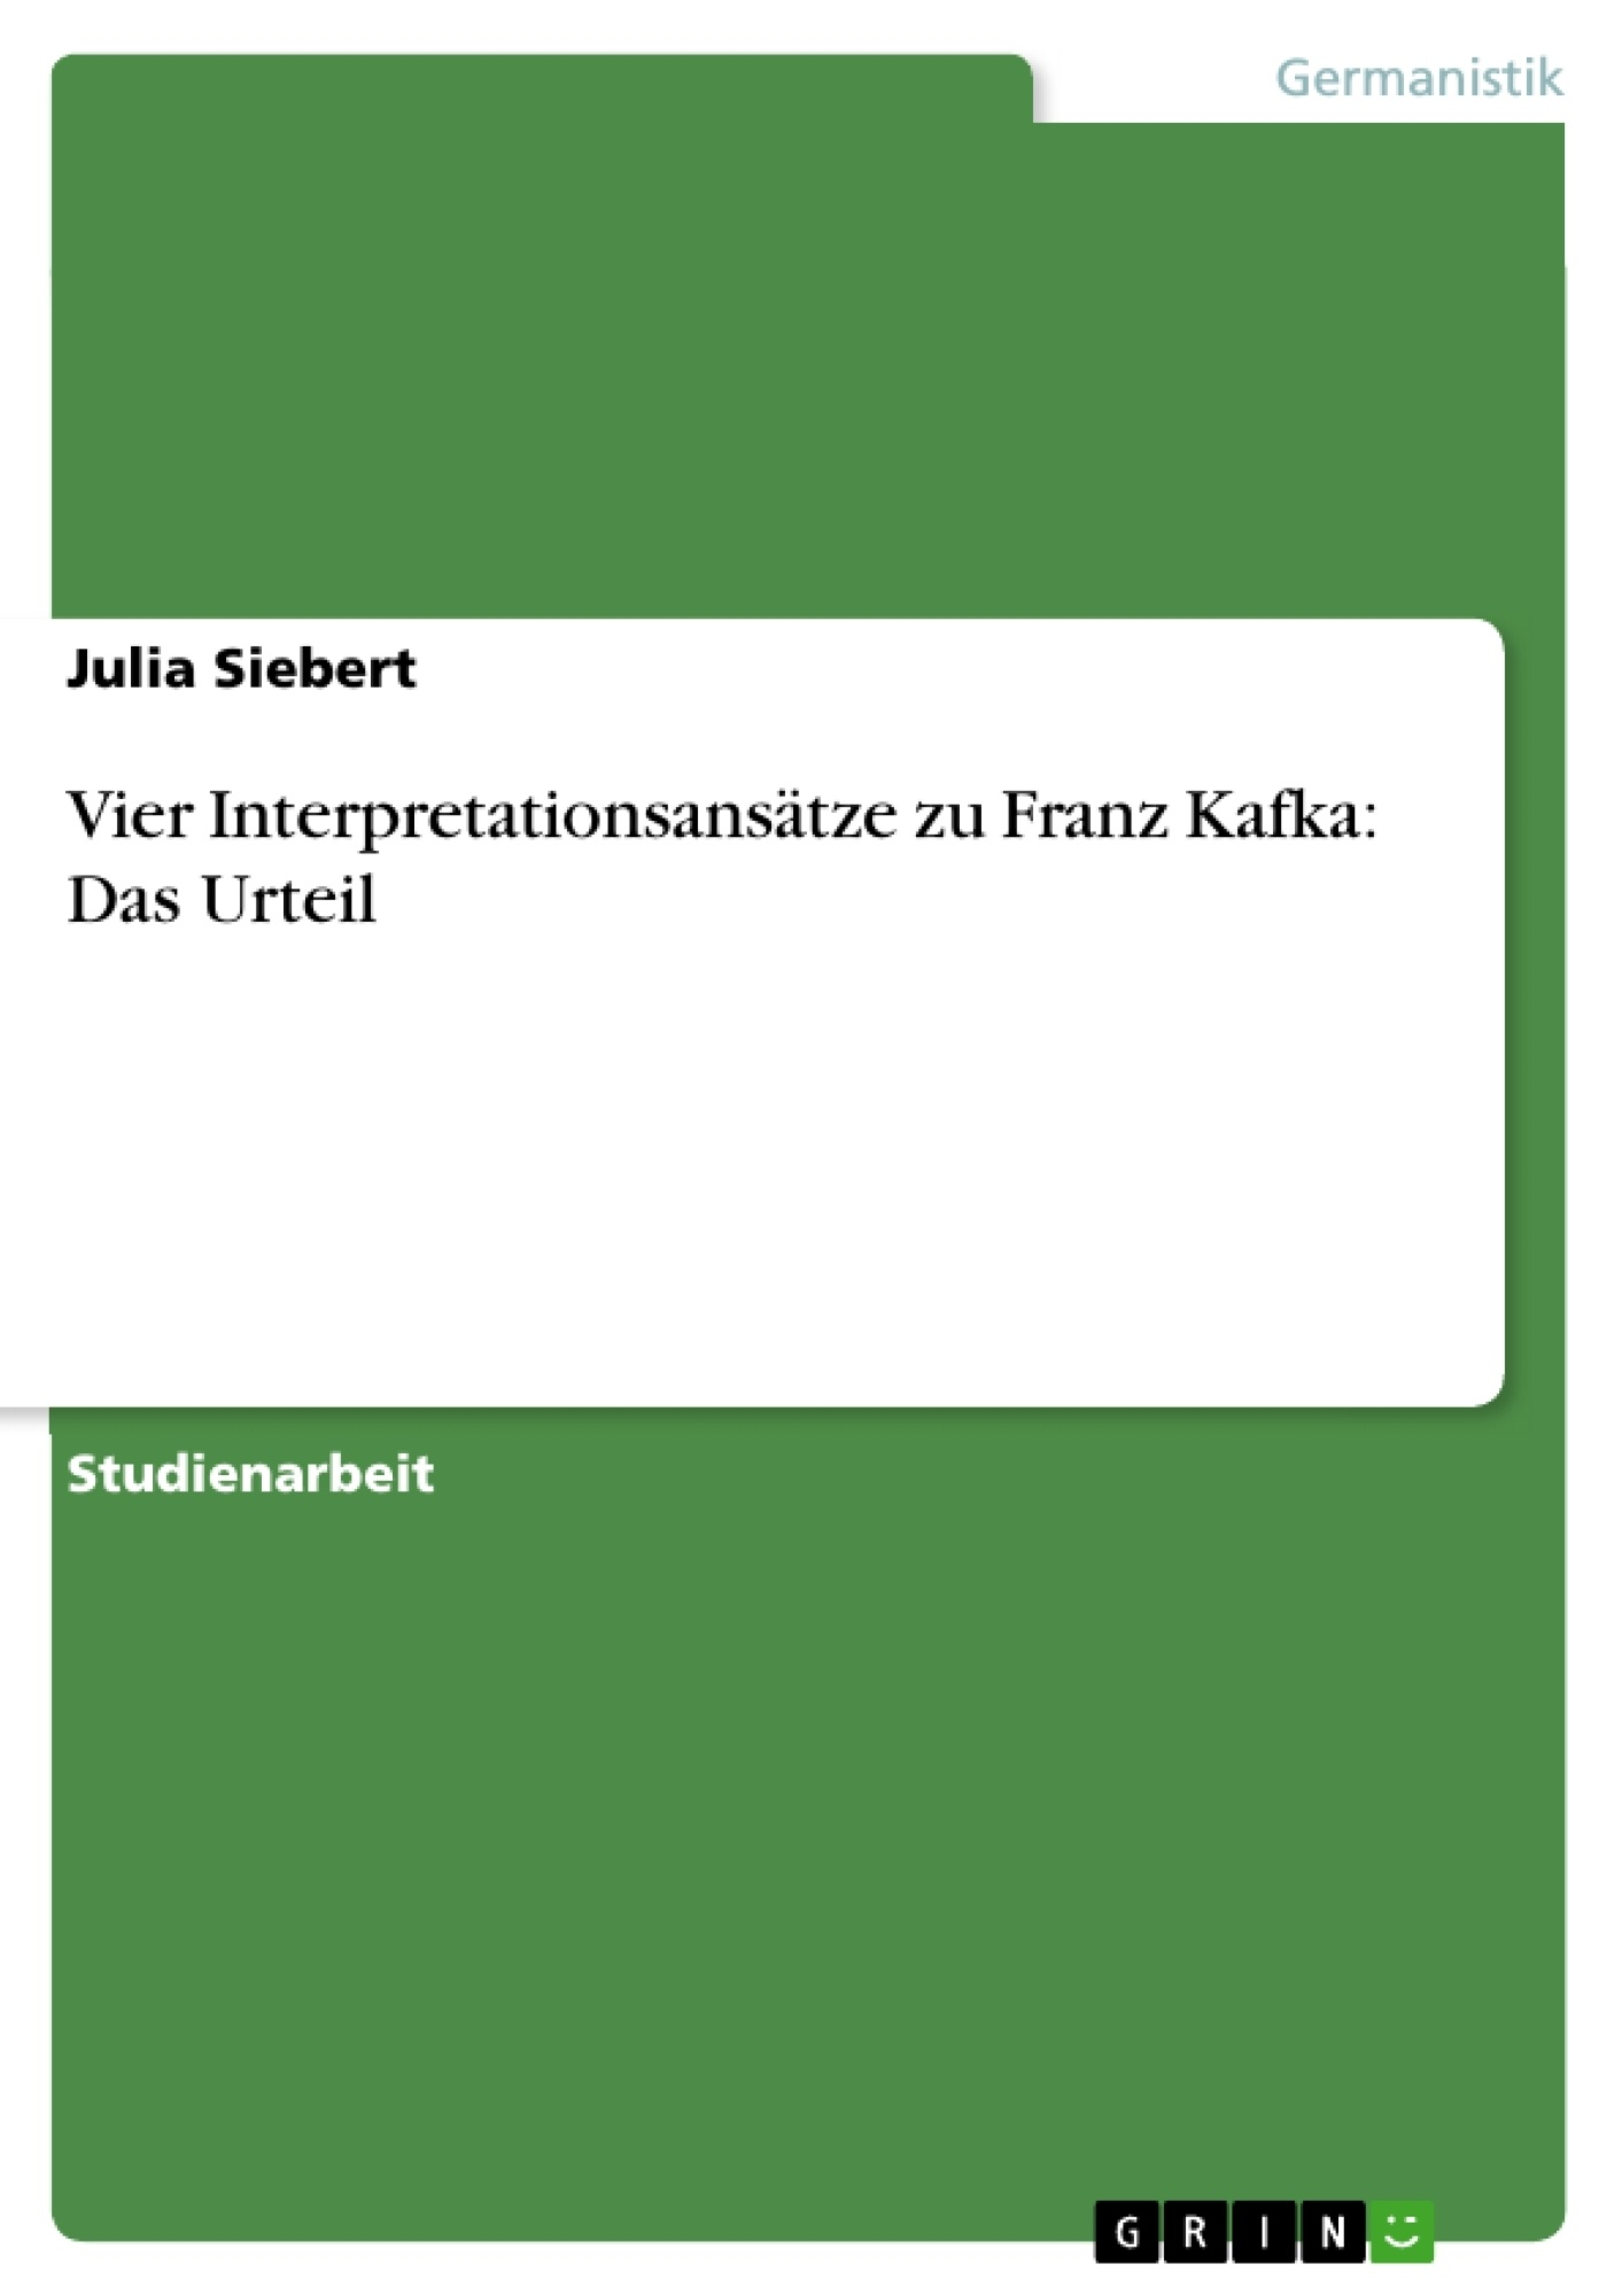 Titel: Vier Interpretationsansätze zu Franz Kafka: Das Urteil